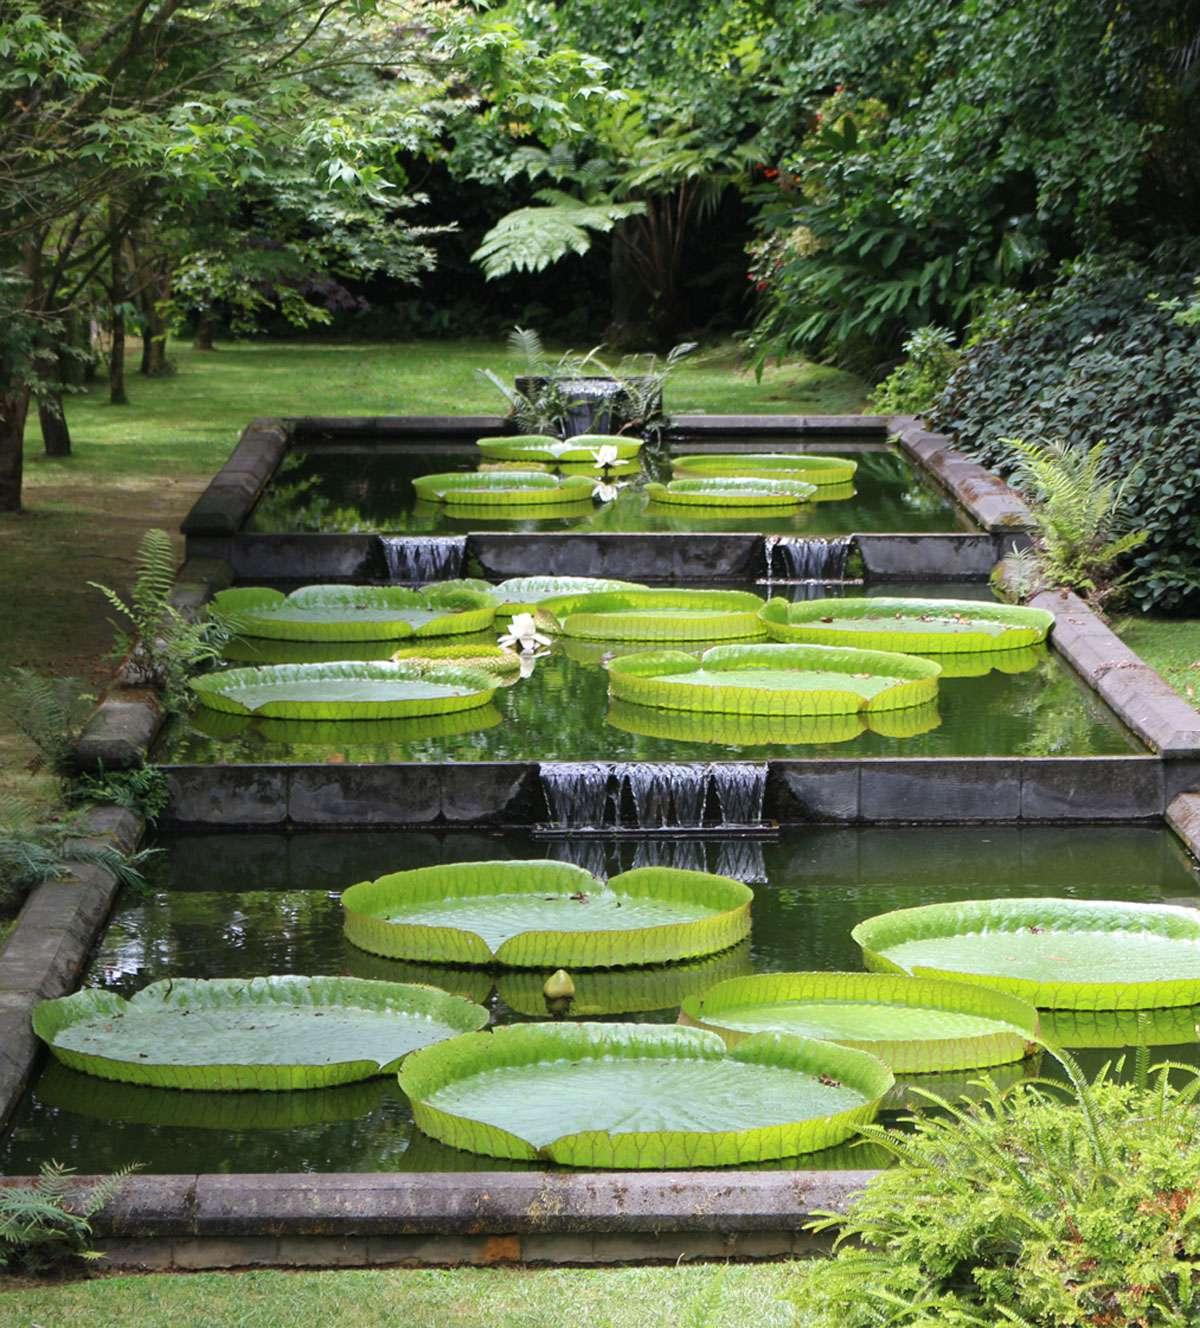 Scenes of Terra Nostra Gardens in Furnas